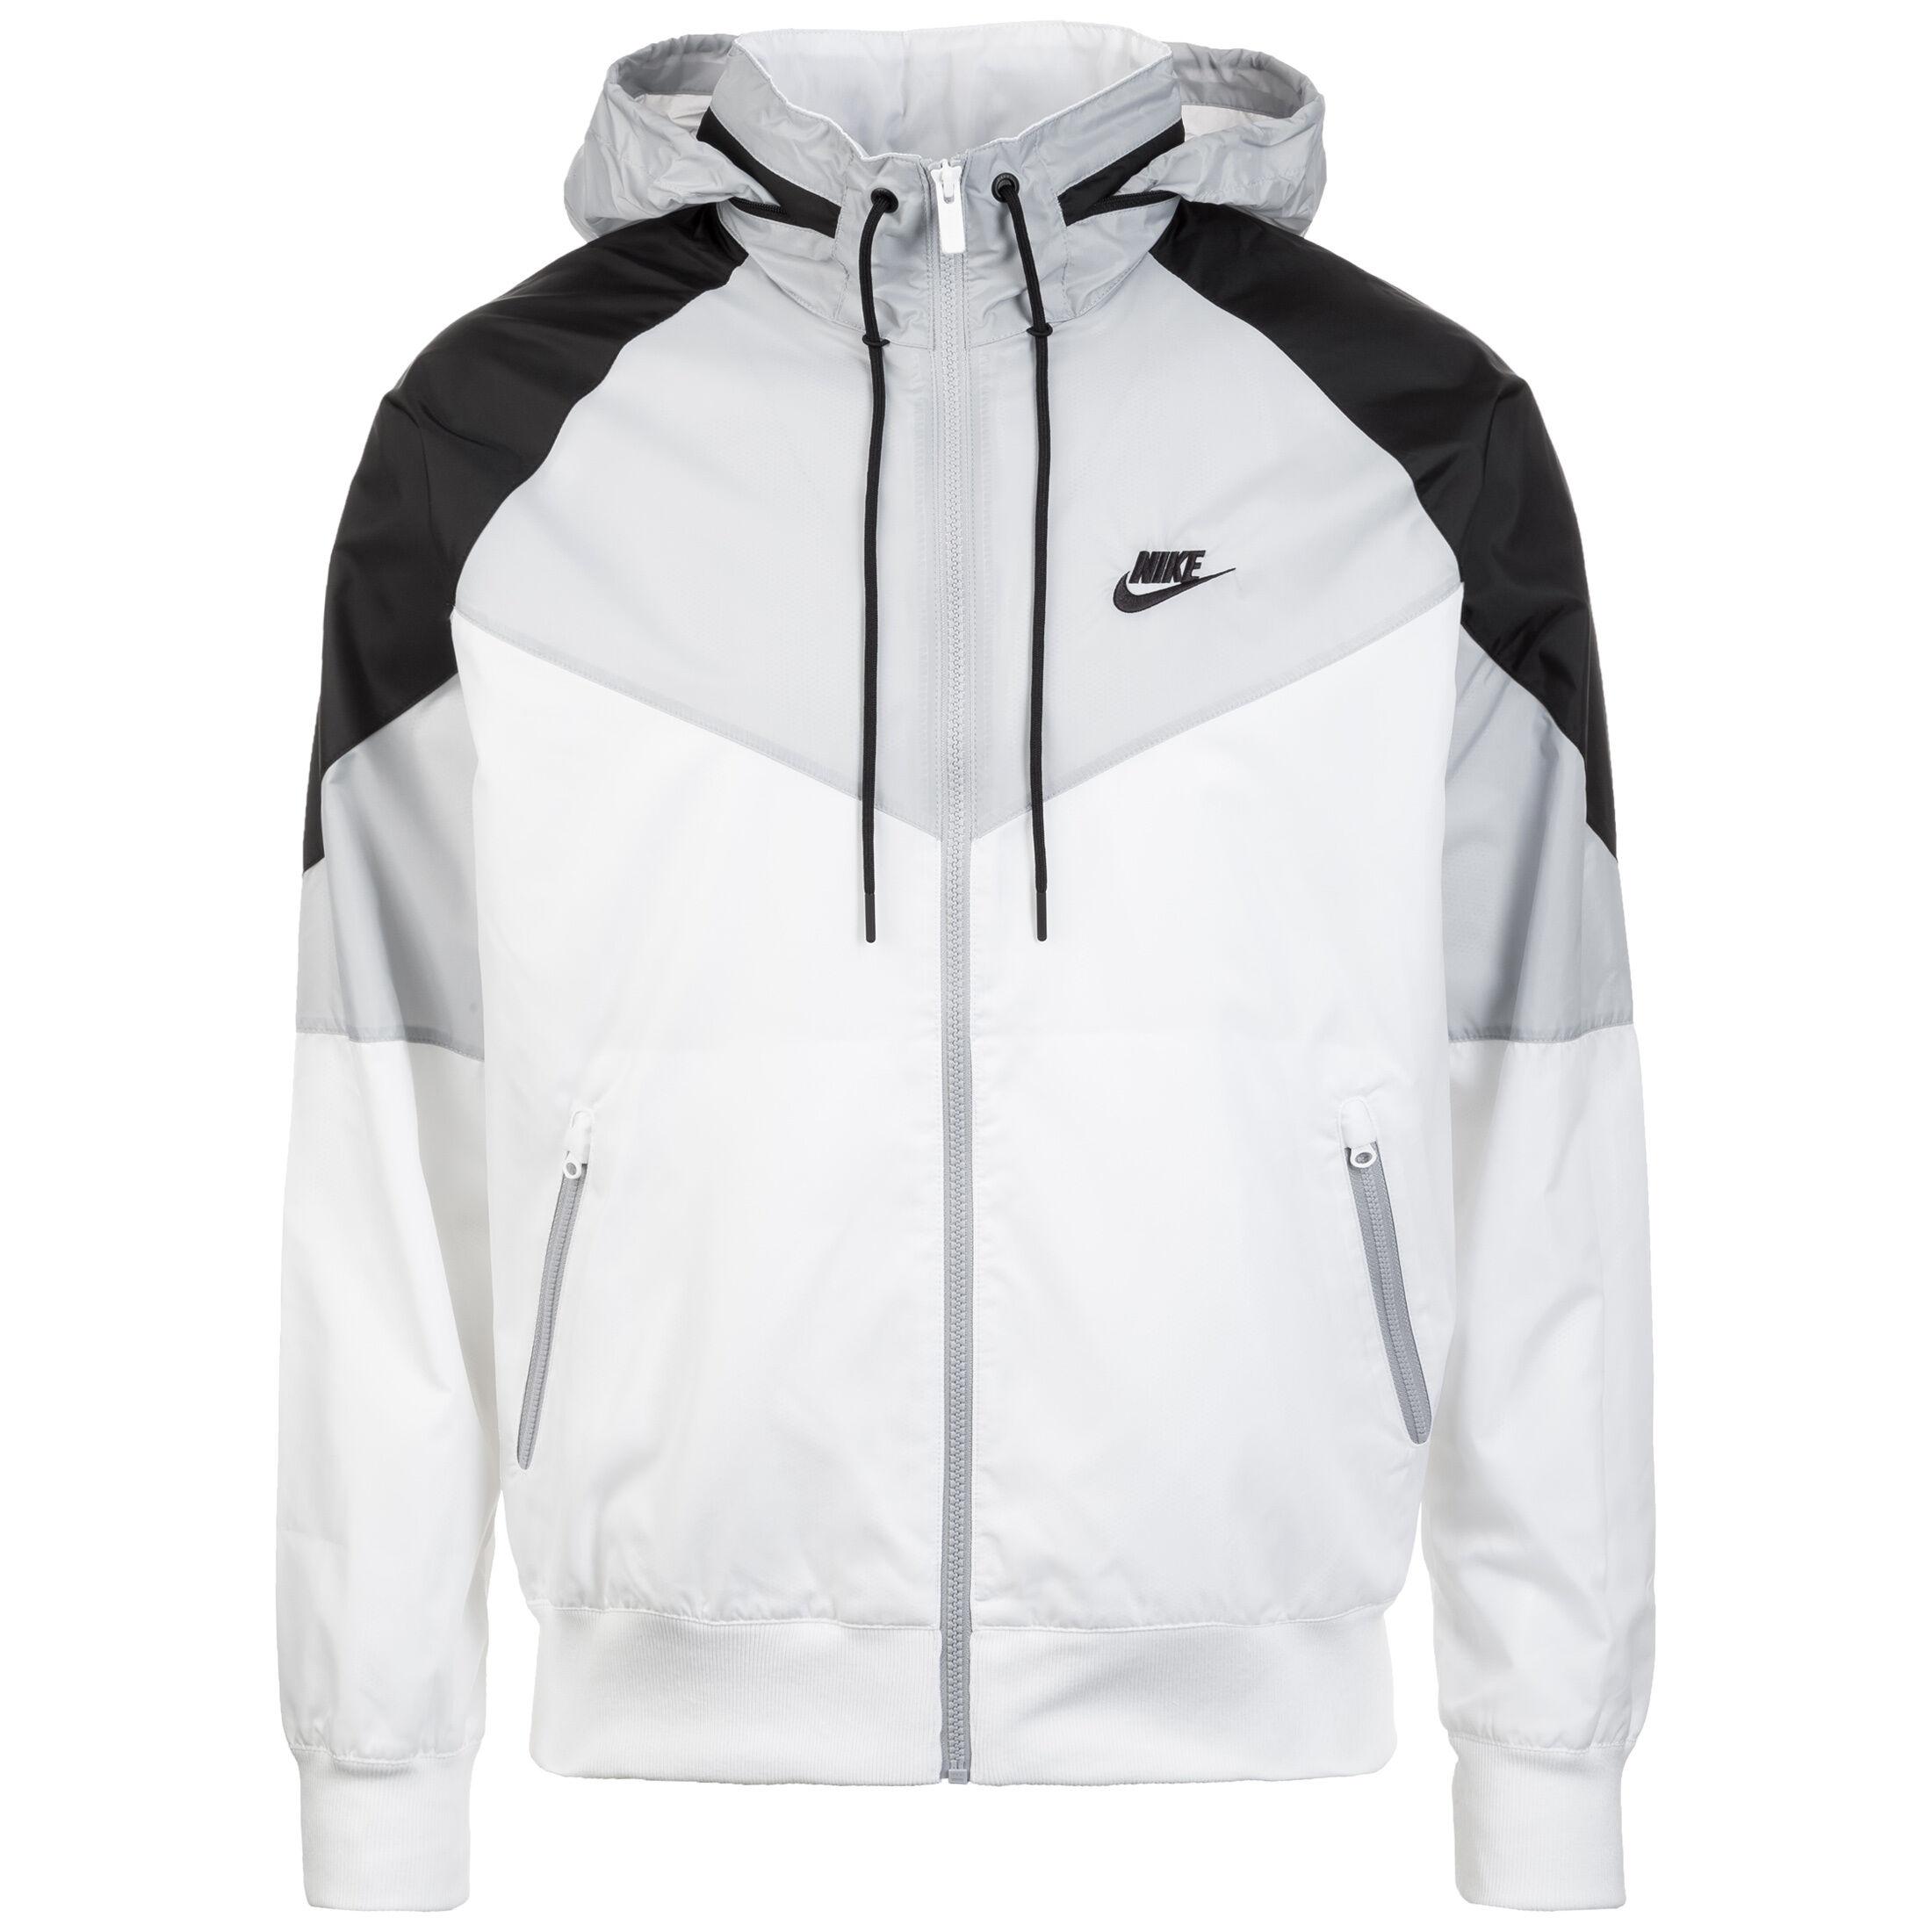 Nike Sportswear Windrunner Kapuzenjacke Damen bei OUTFITTER